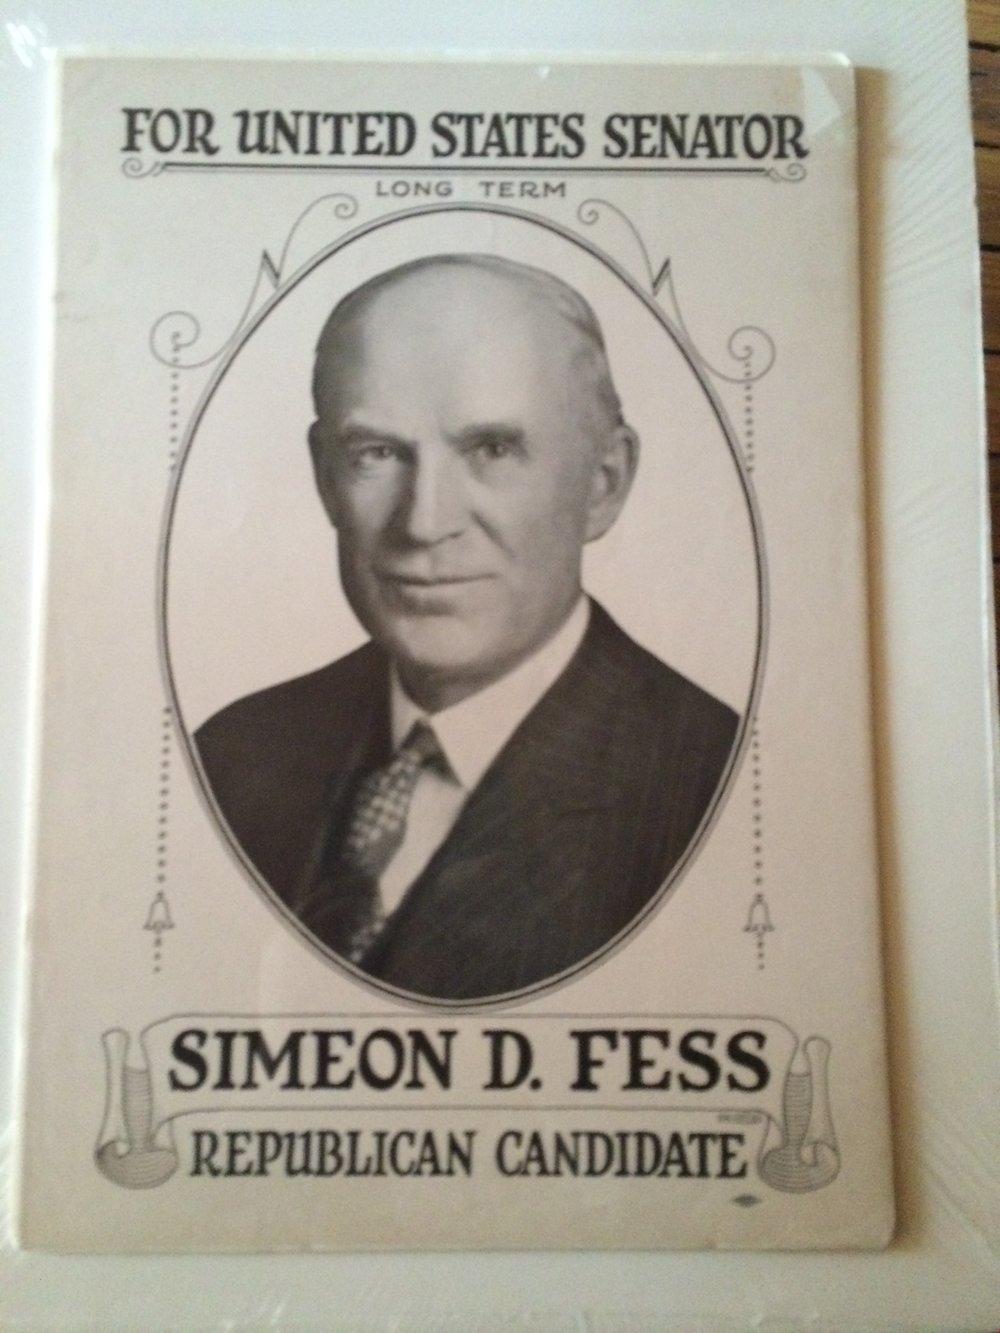 Poster OH-1928 FESS.jpg